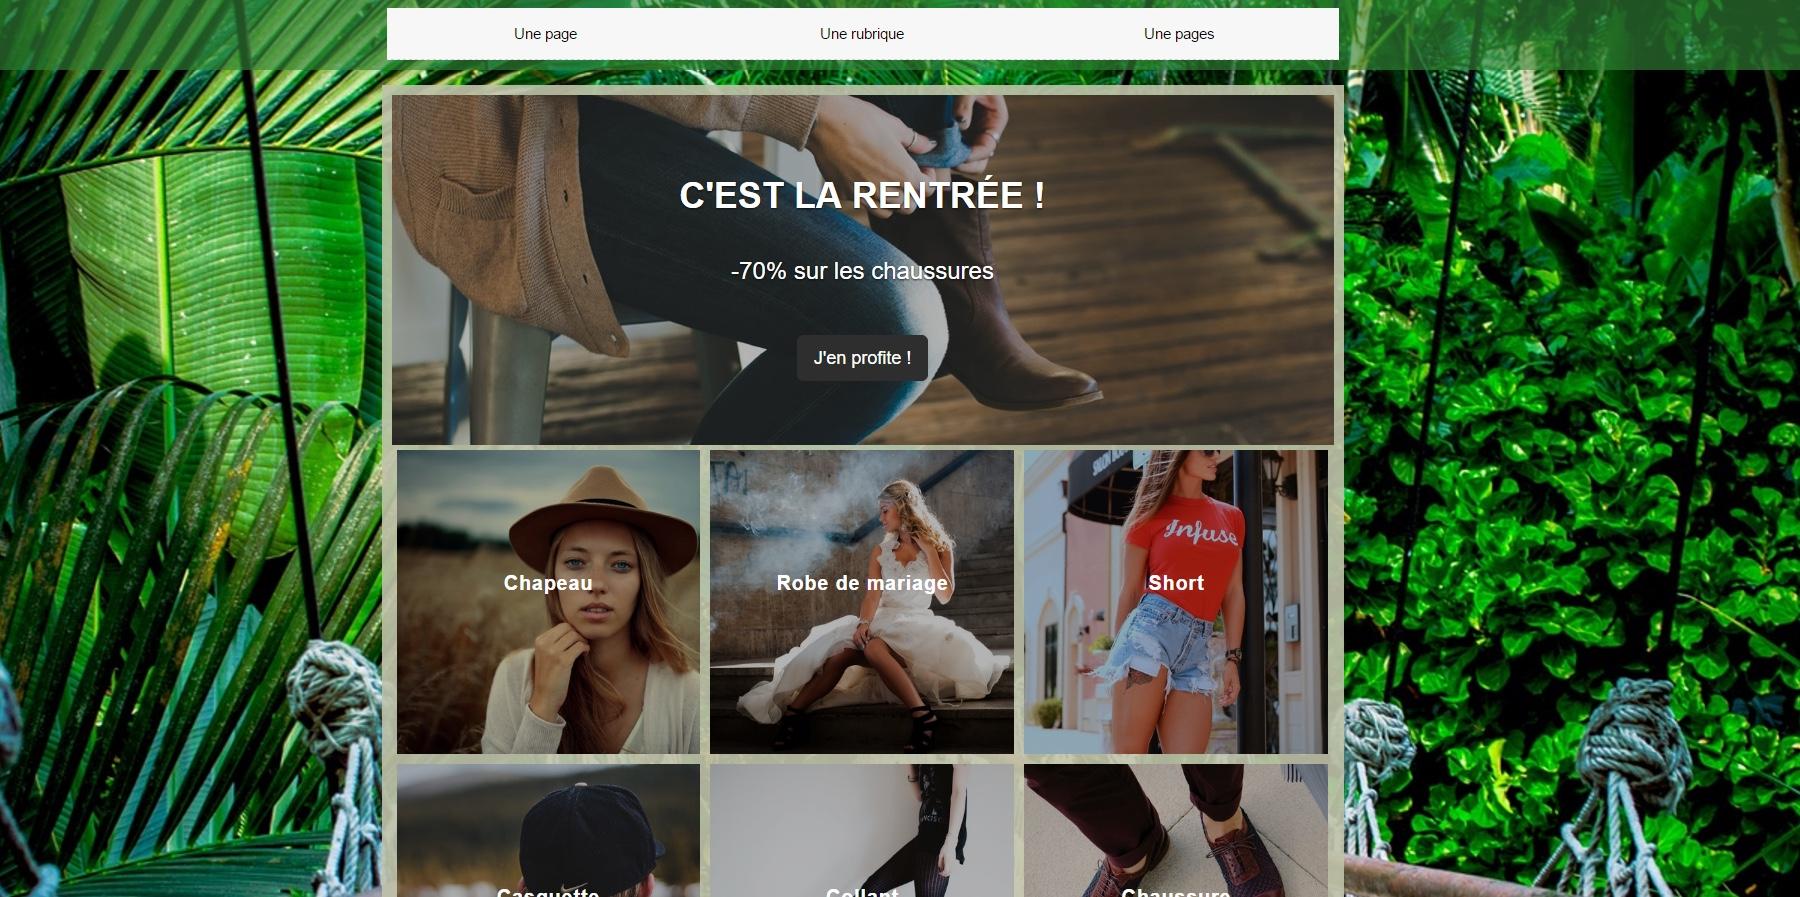 La charte qualité de votre boutique en ligne